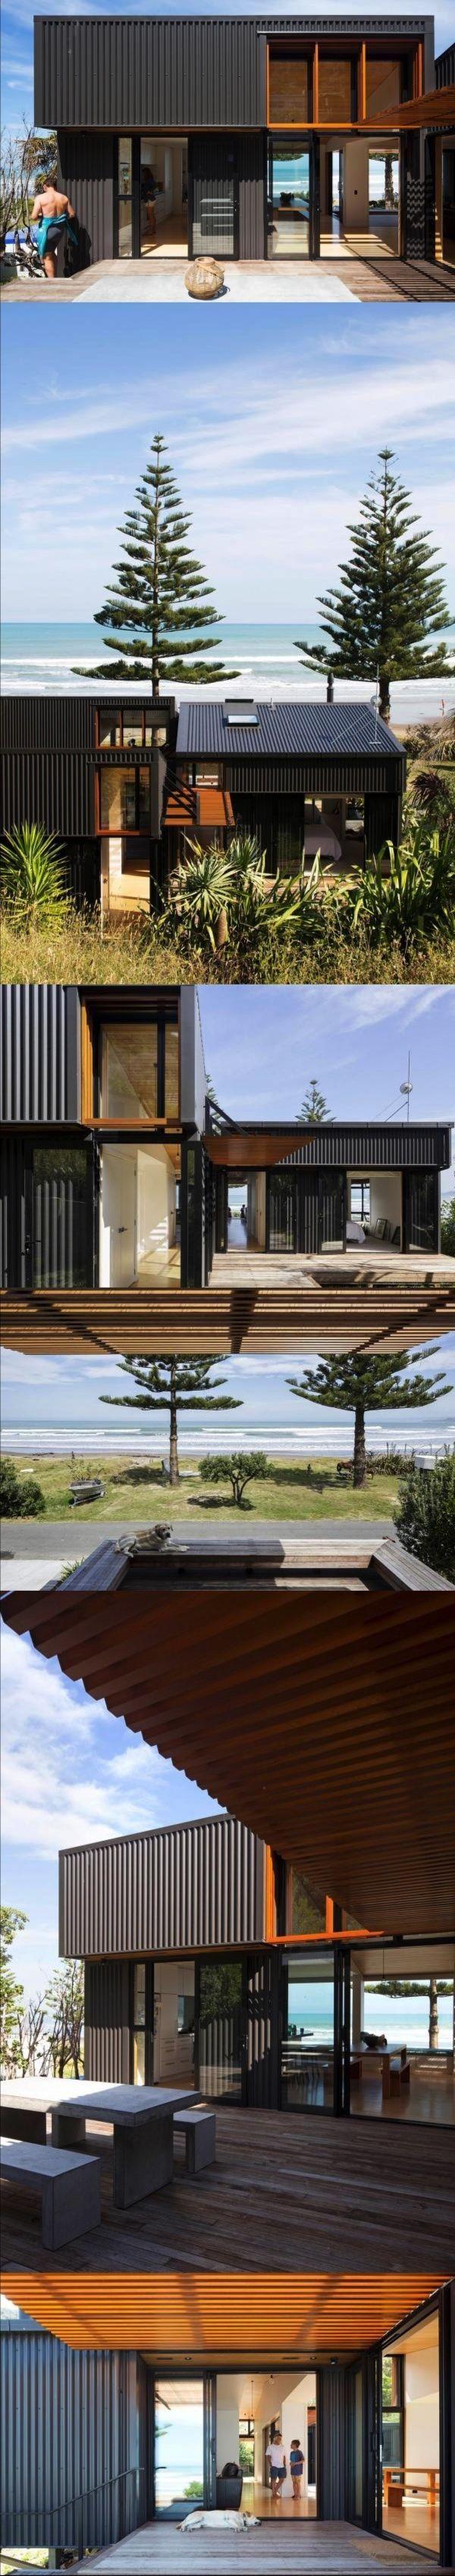 offSET Shed House | Irving Smith Architects Location: Gisborne, New Zealand